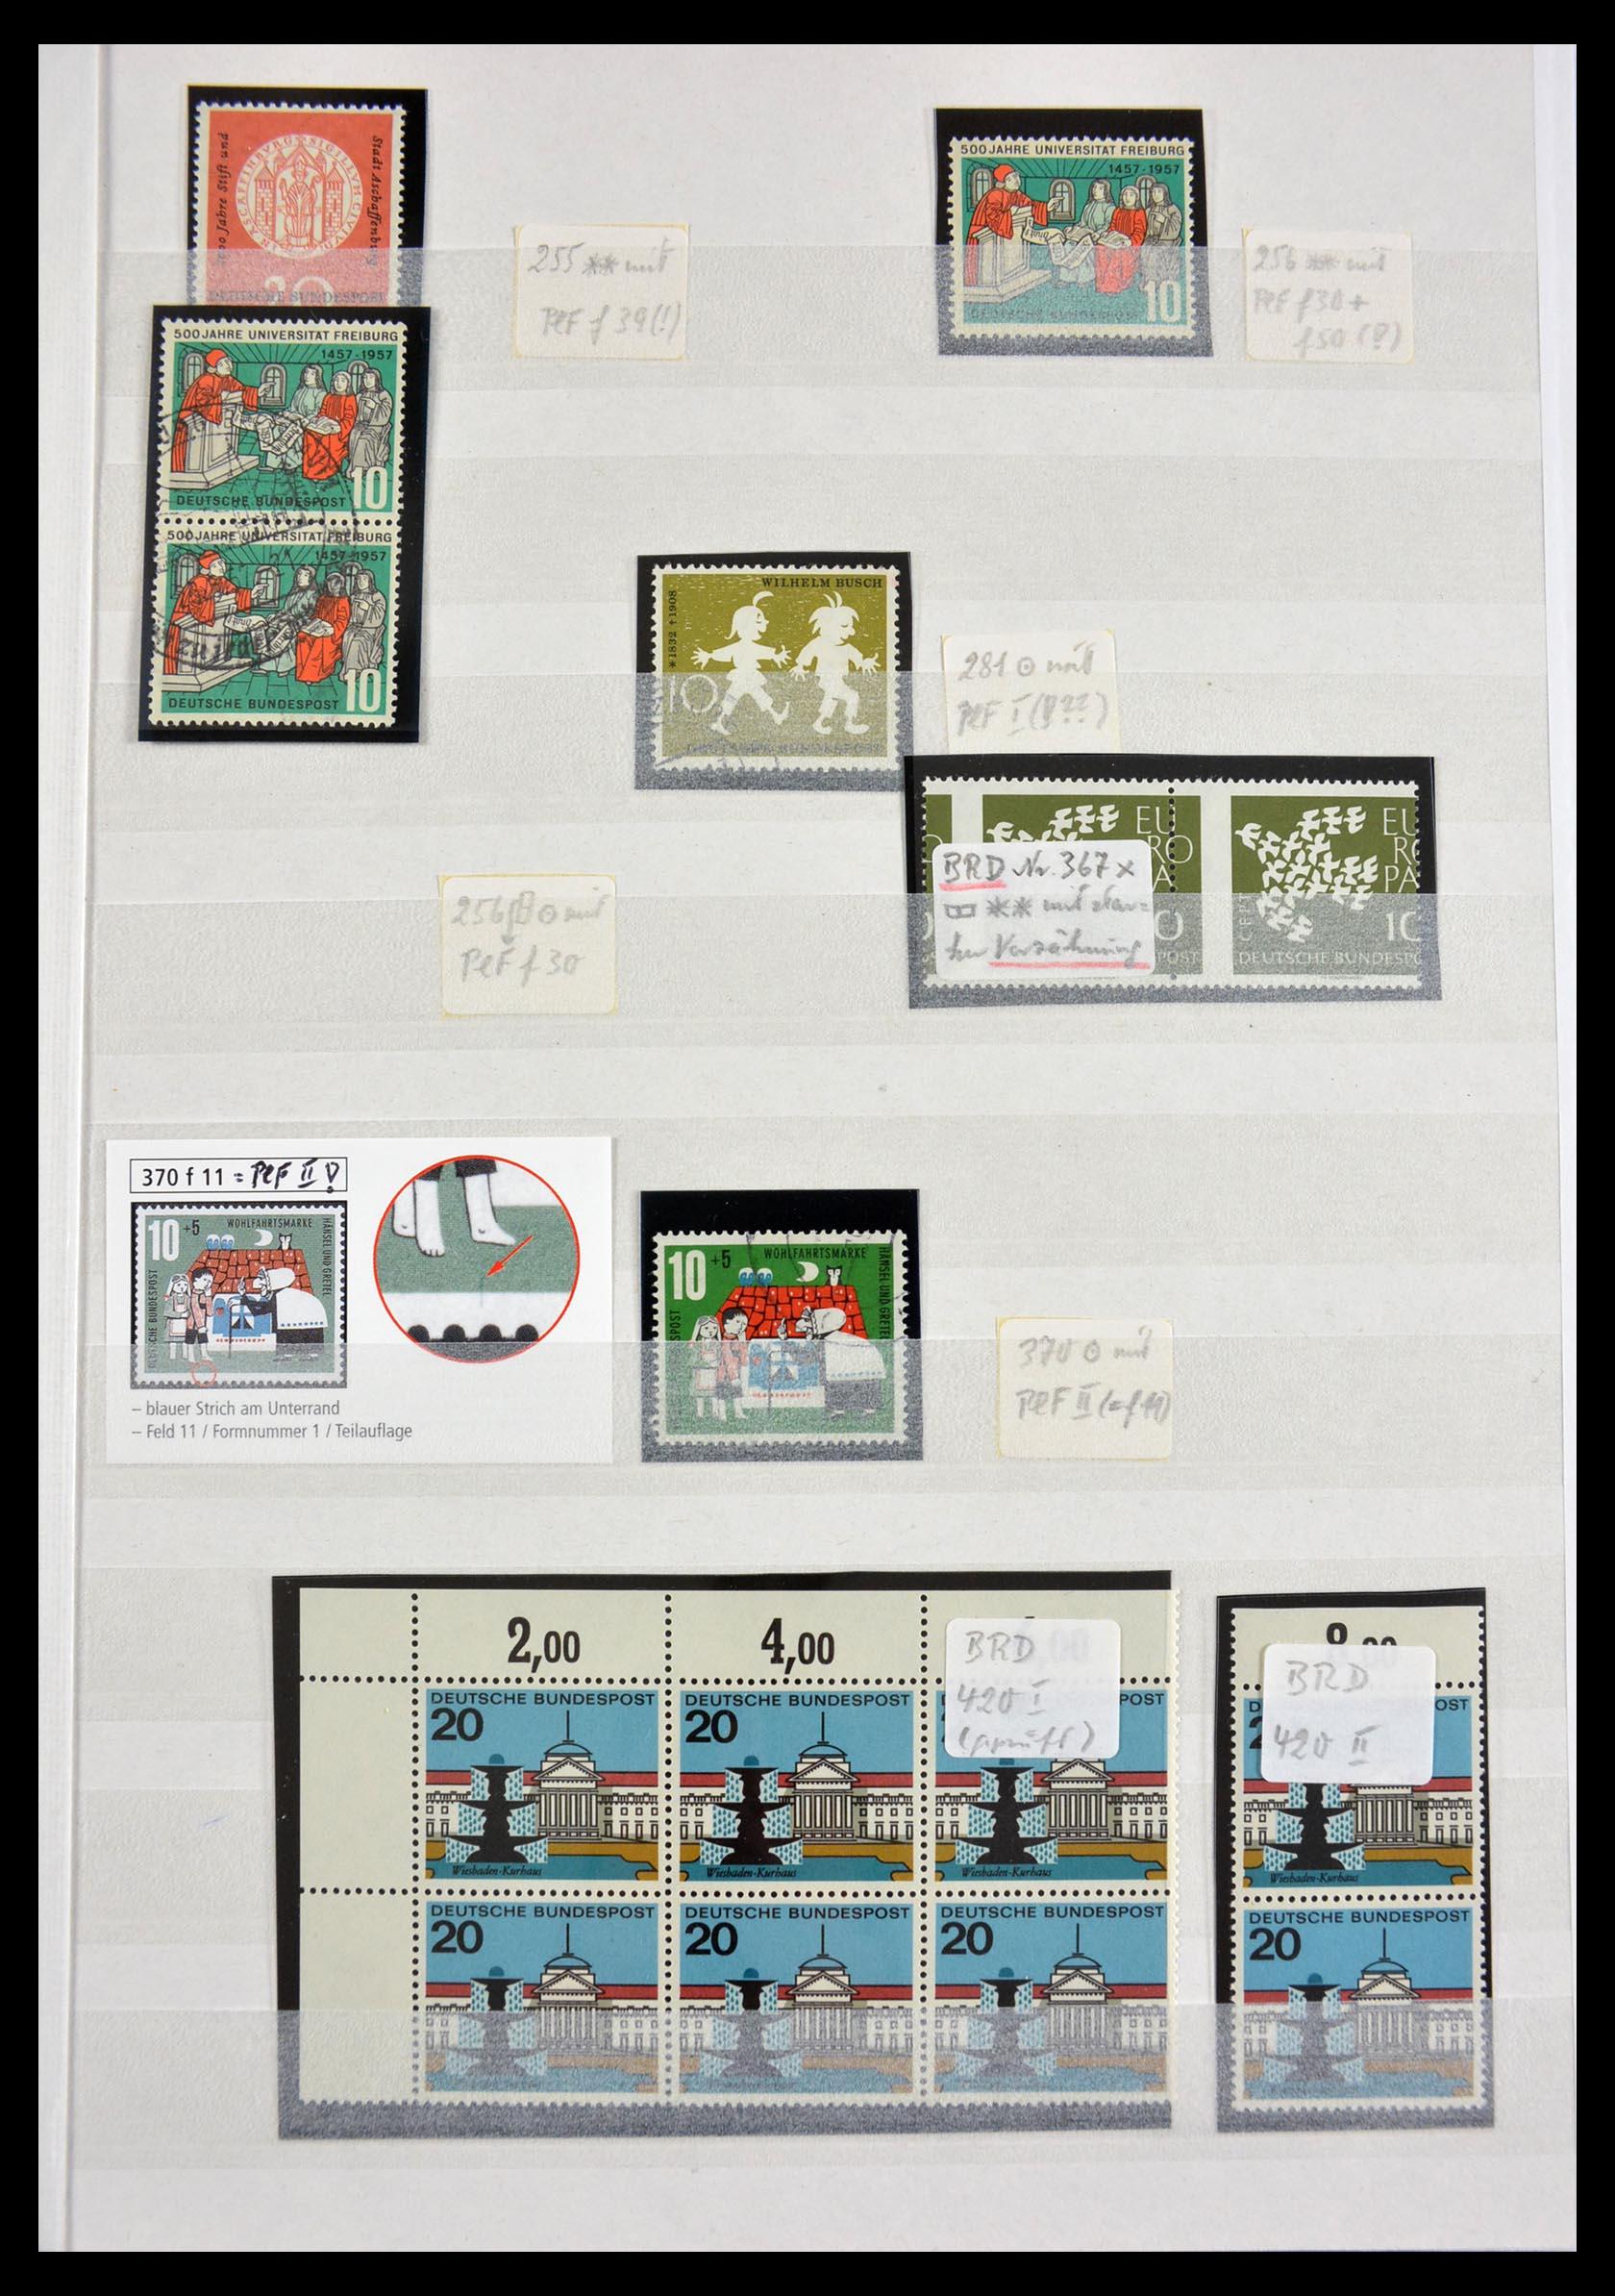 29491 001 - 29491 Bundespost plateflaws 1957-1994.